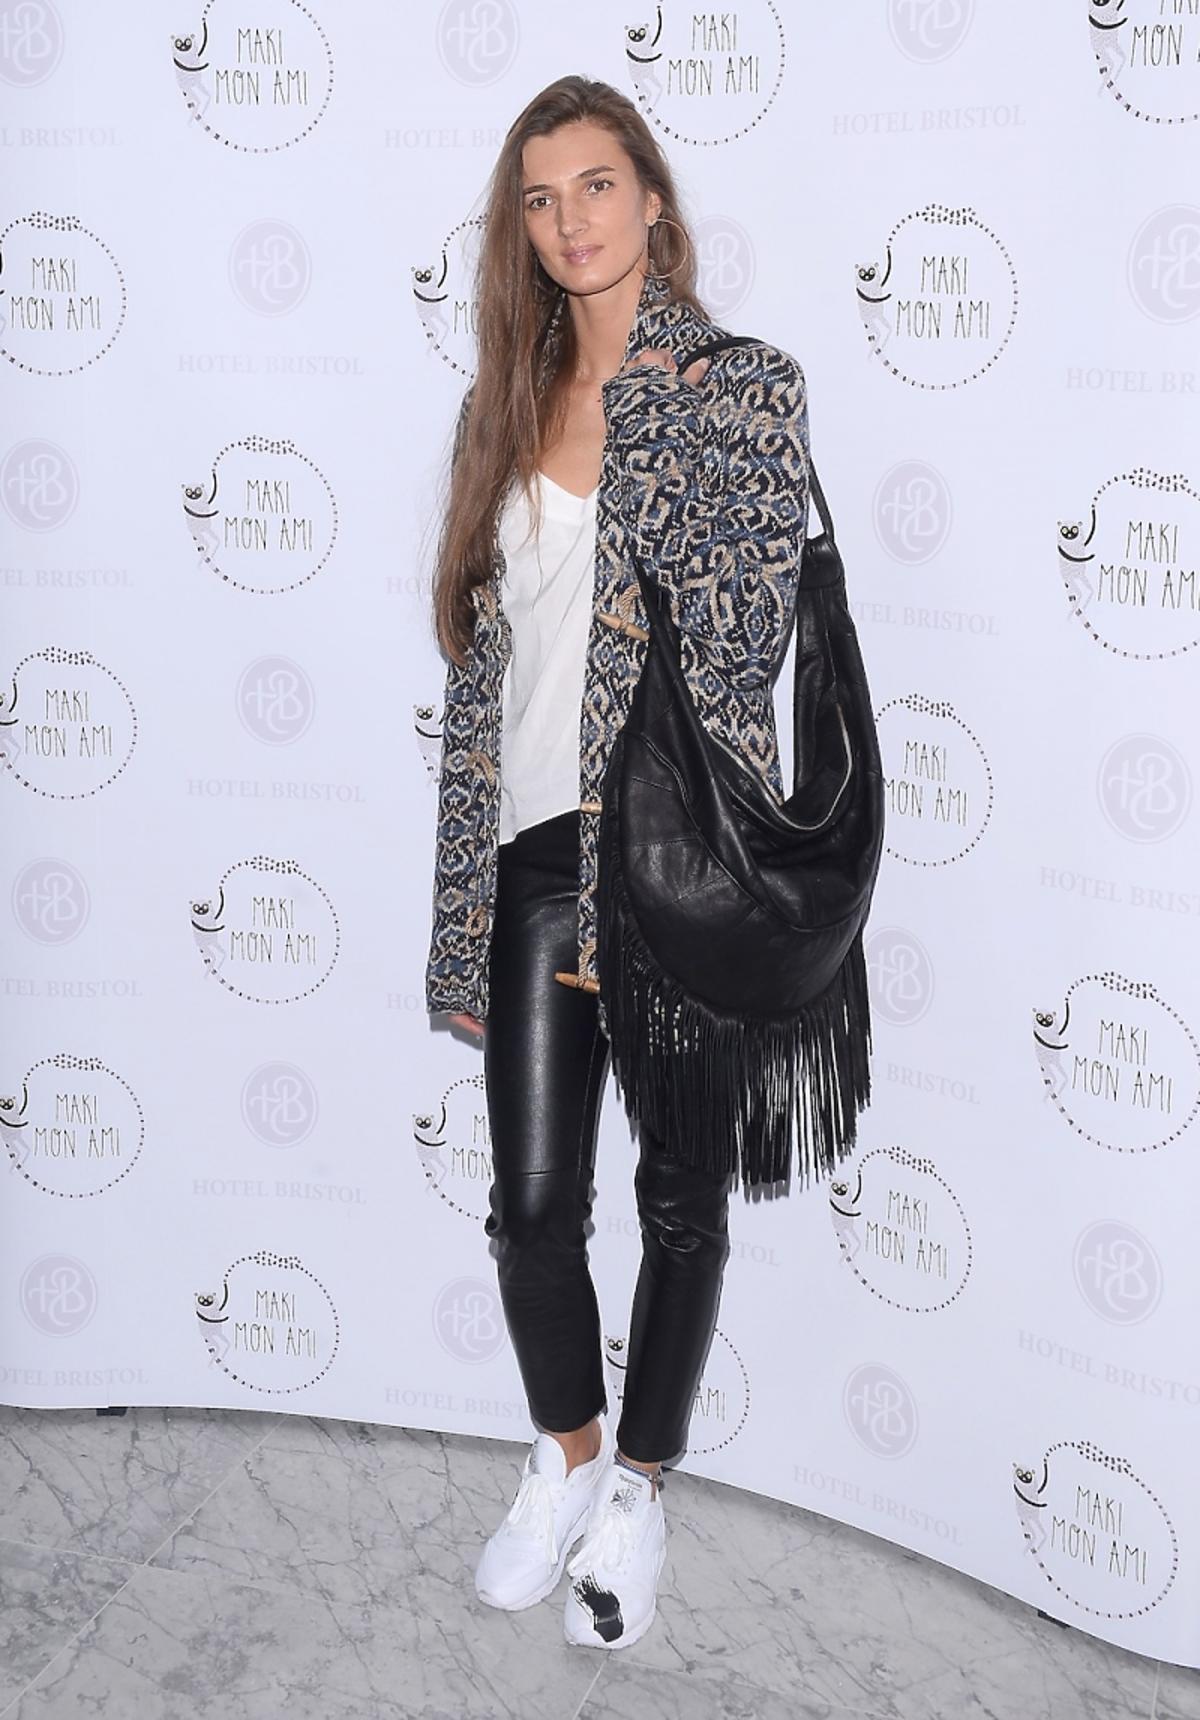 Kamila Szczawińska w skórzanych czarnych spodniach,  białych butach, czarnej torbie z frędzlami, białym topie, rozpinanym swetrze we wzory